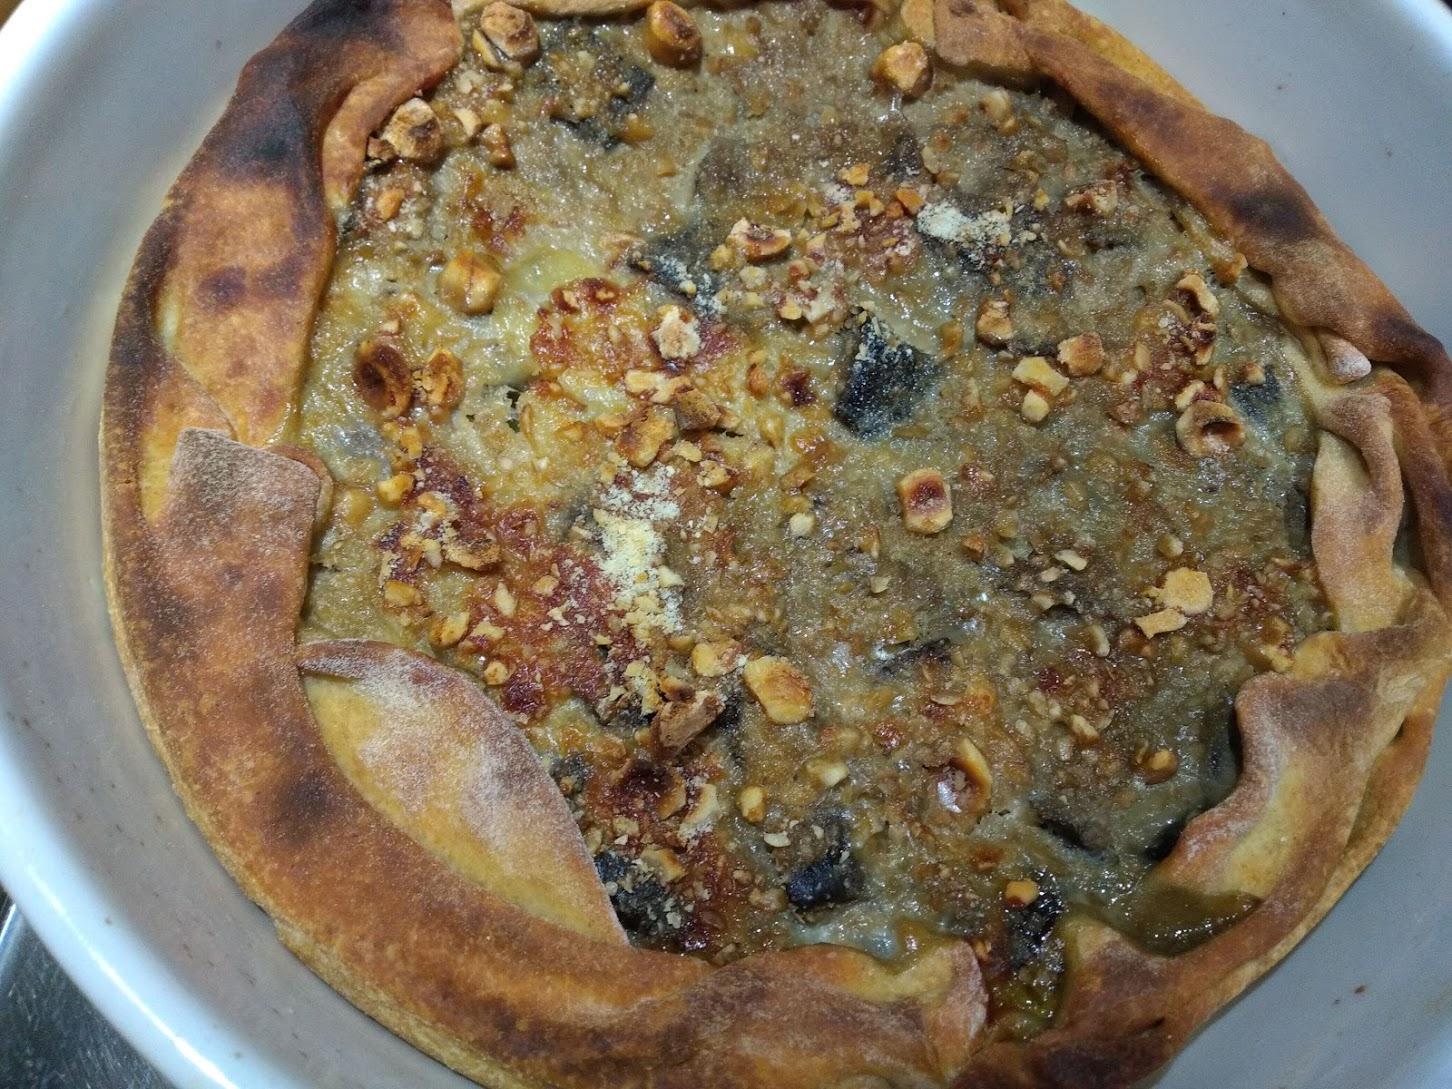 tortino di melanzane al forno con crumble di nocciole